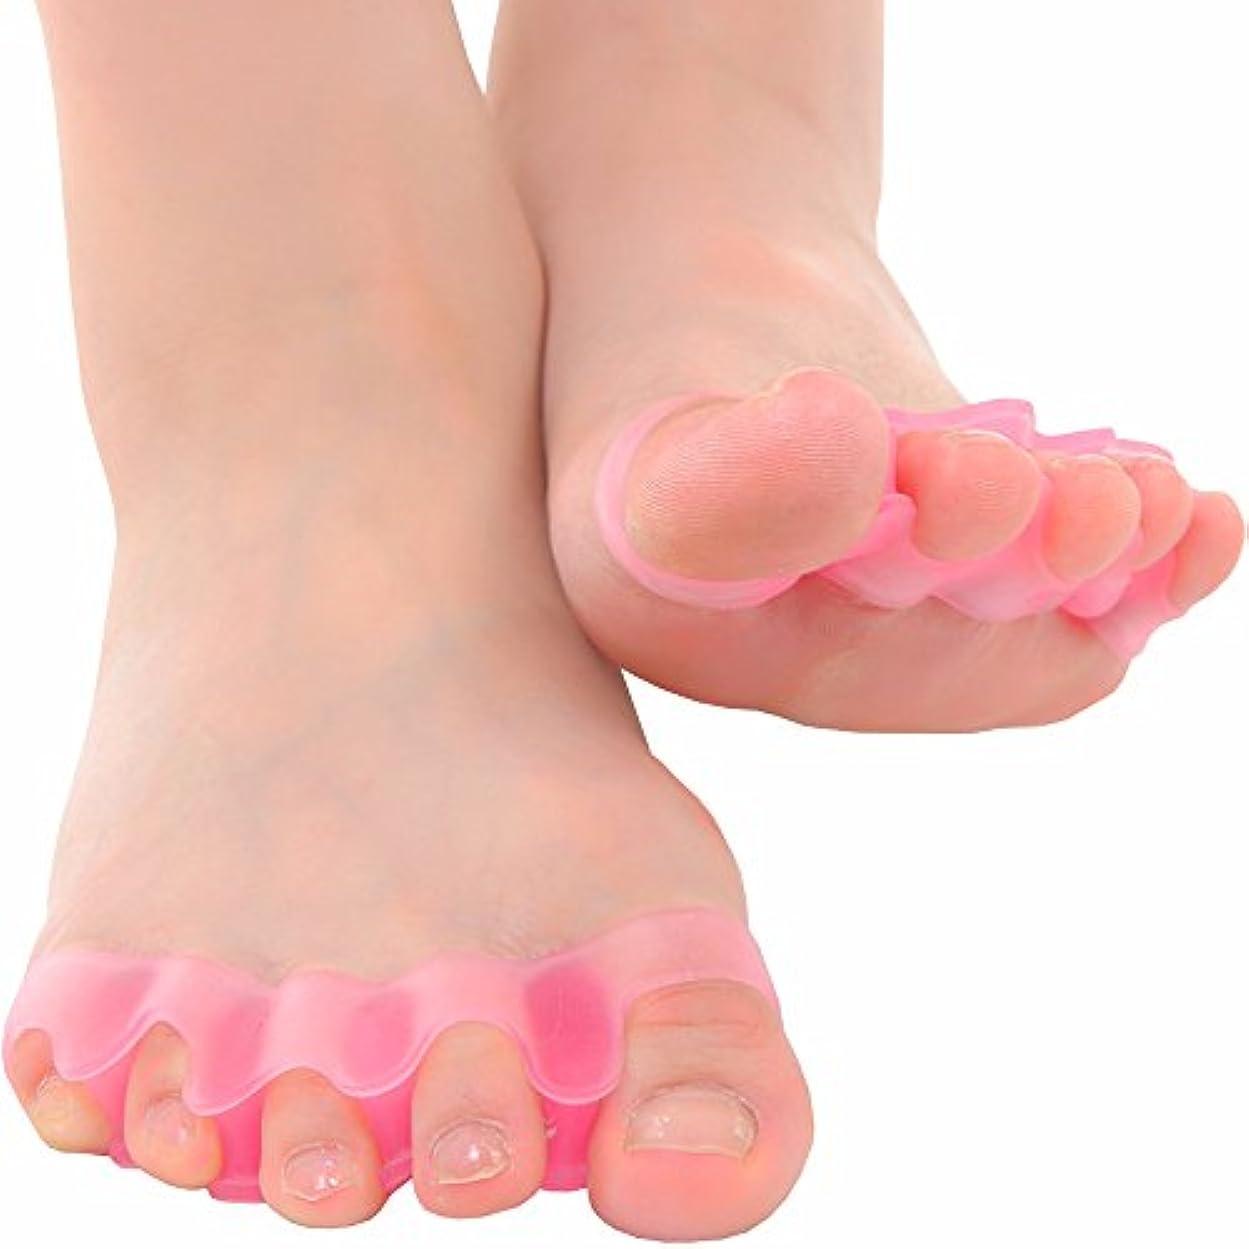 シロクマバケツオーバードローmark zenis  外反母趾 足指シリコン サポーター 女性用 2個セット ピンク